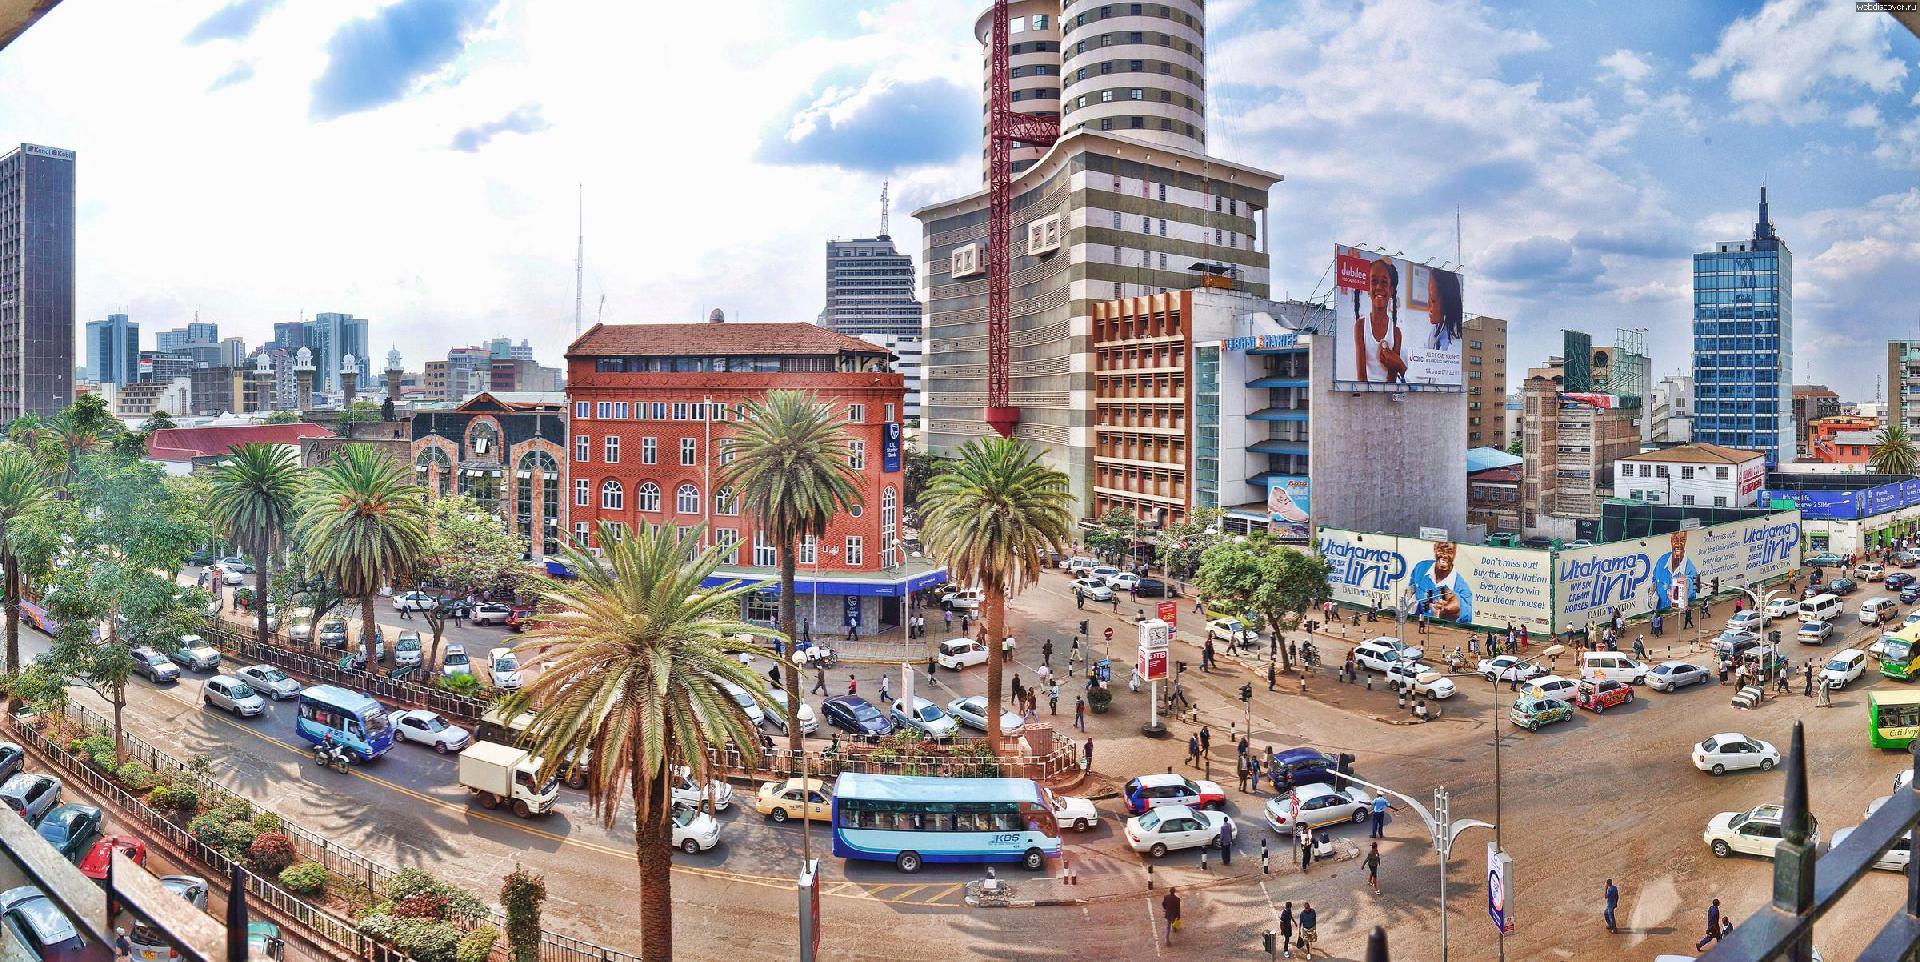 африканские города с картинками статье подробно